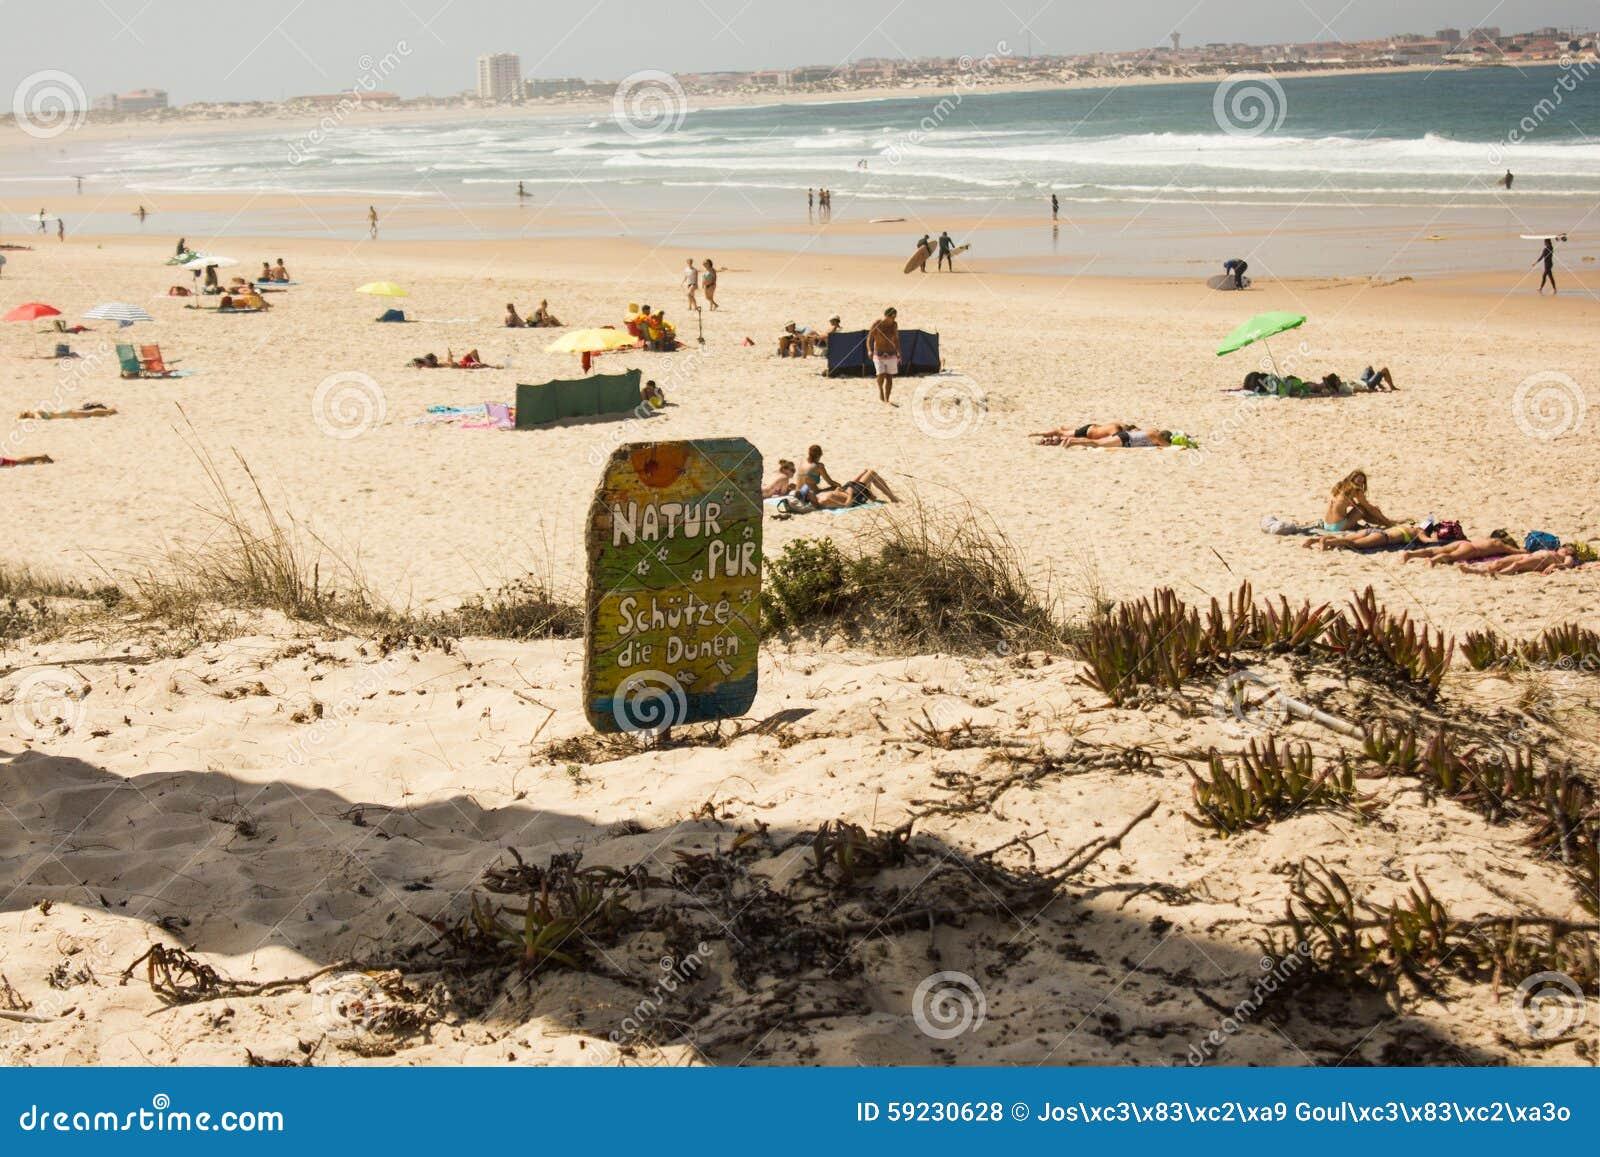 Download Natur Pur, Schutze Muere Dunen, Una Súplica En Alemán Para La Protección De La Naturaleza, Especialmente Las Dunas Foto de archivo - Imagen de arena, limpio: 59230628